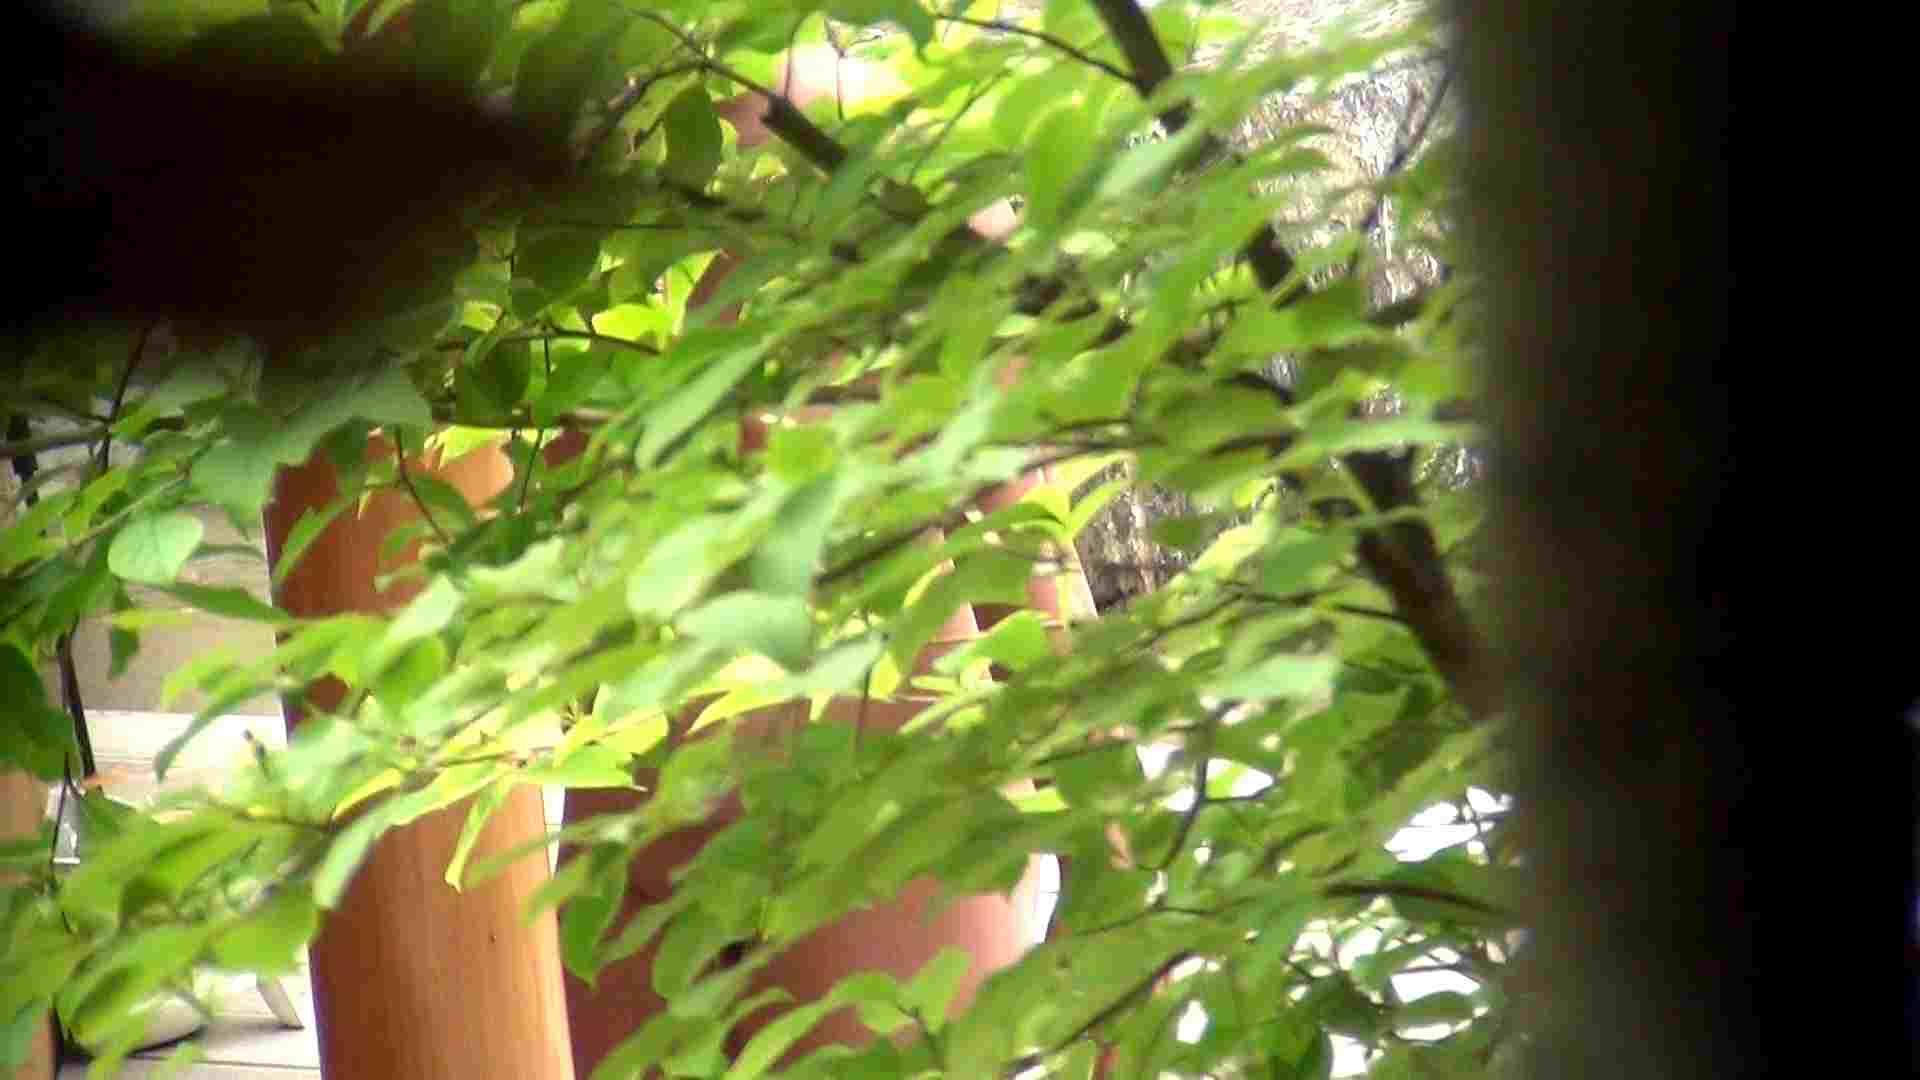 巨乳 乳首:Vol.52 ポチャと細身の色白眼鏡shimai!!:怪盗ジョーカー